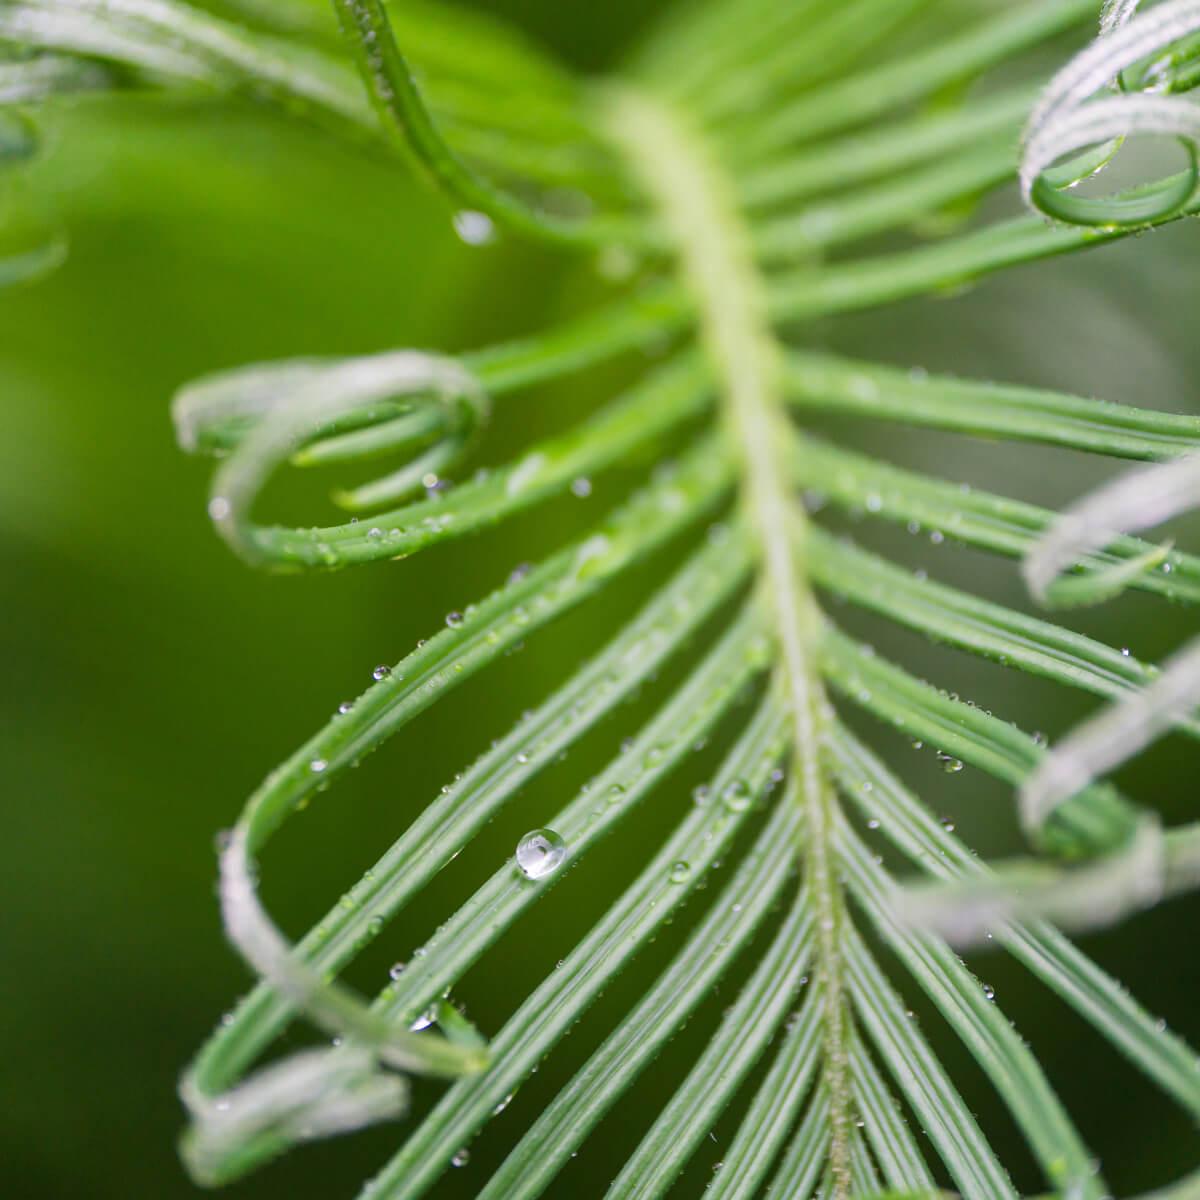 屋久島のソテツ 雨のしずく 屋久島雨とジュエリー オーダーメイド結婚指輪のインスピレーション